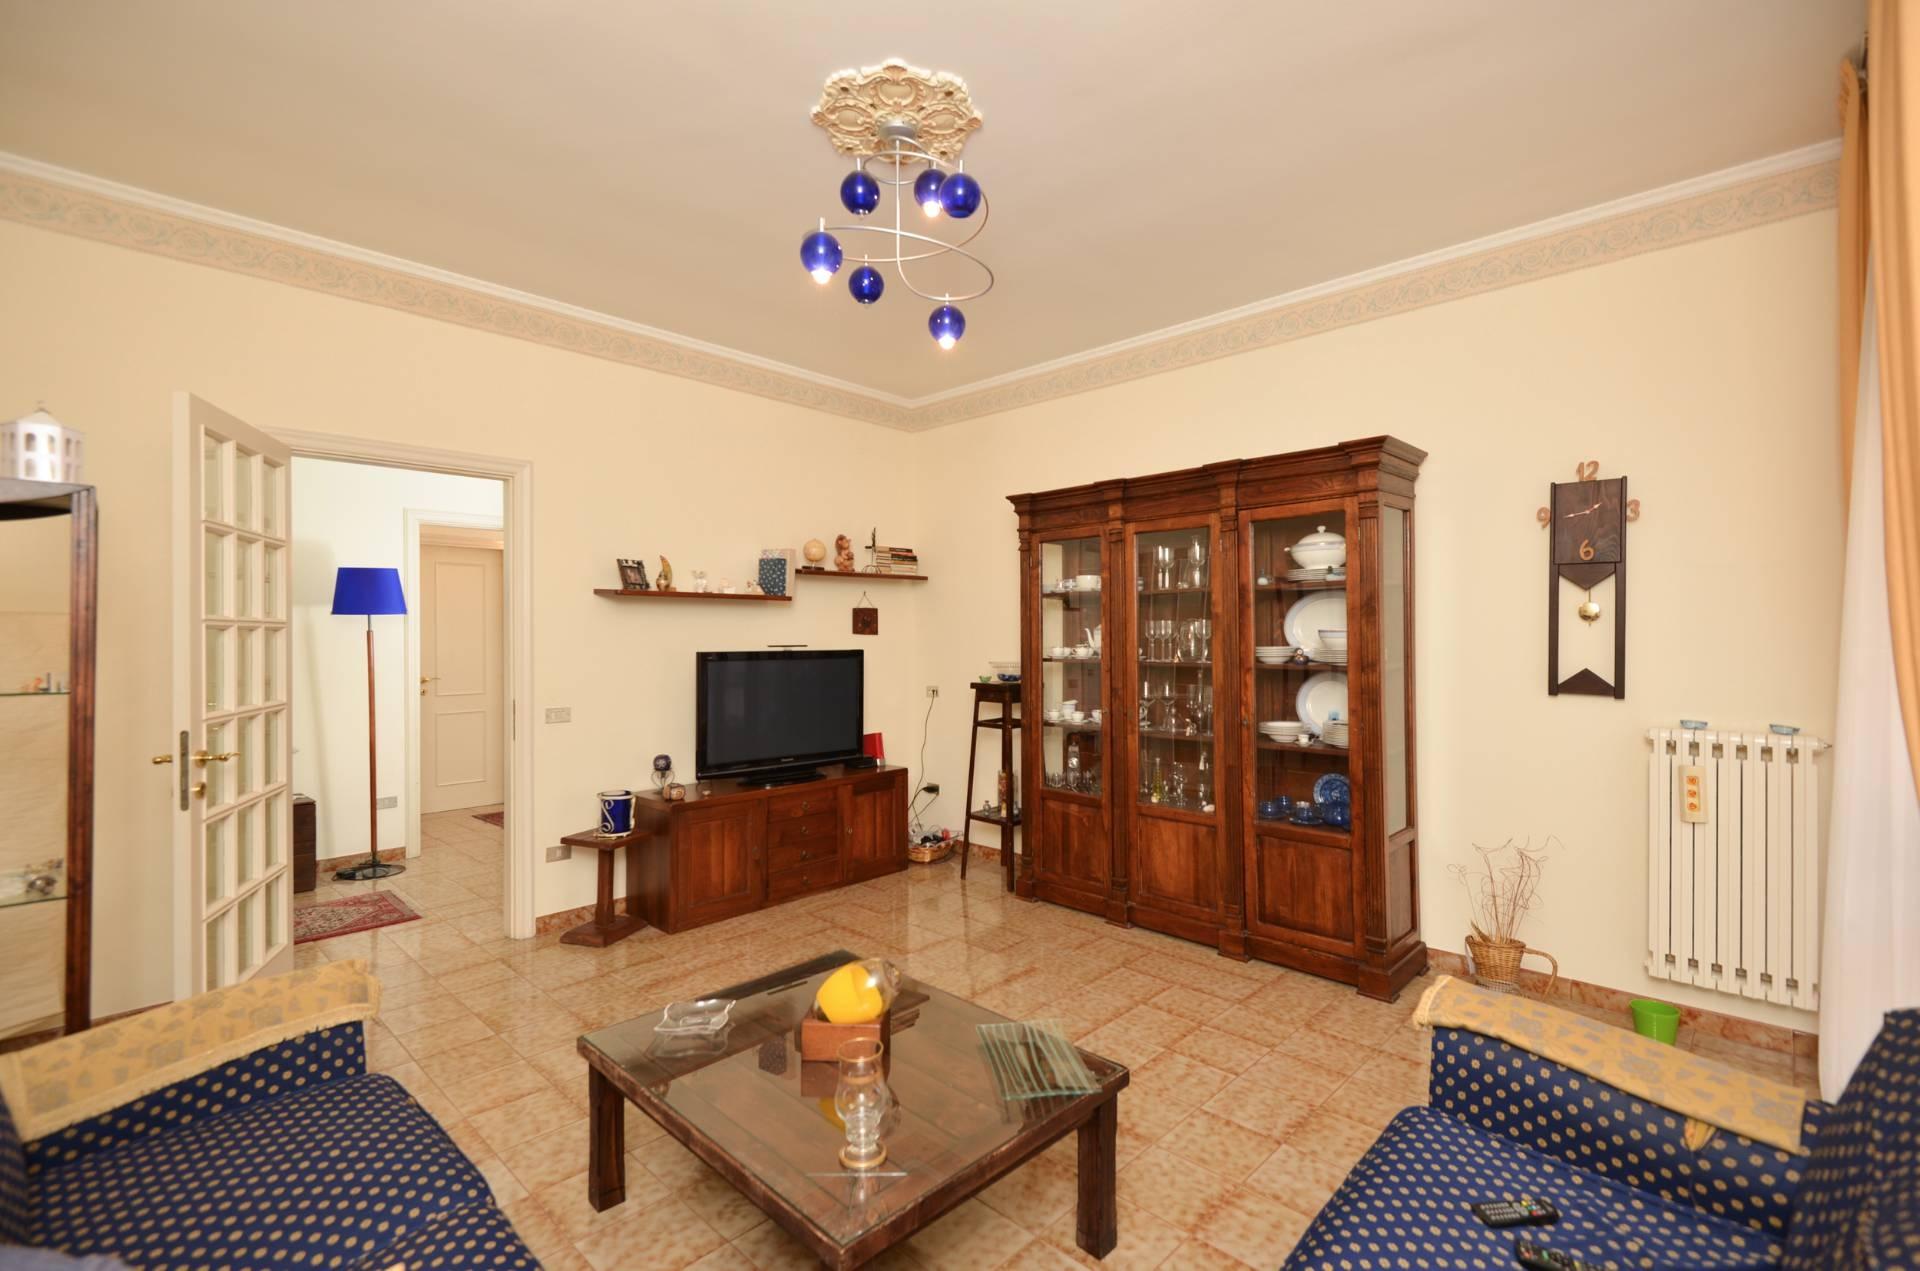 Appartamento in vendita a Maglie, 5 locali, prezzo € 110.000 | CambioCasa.it